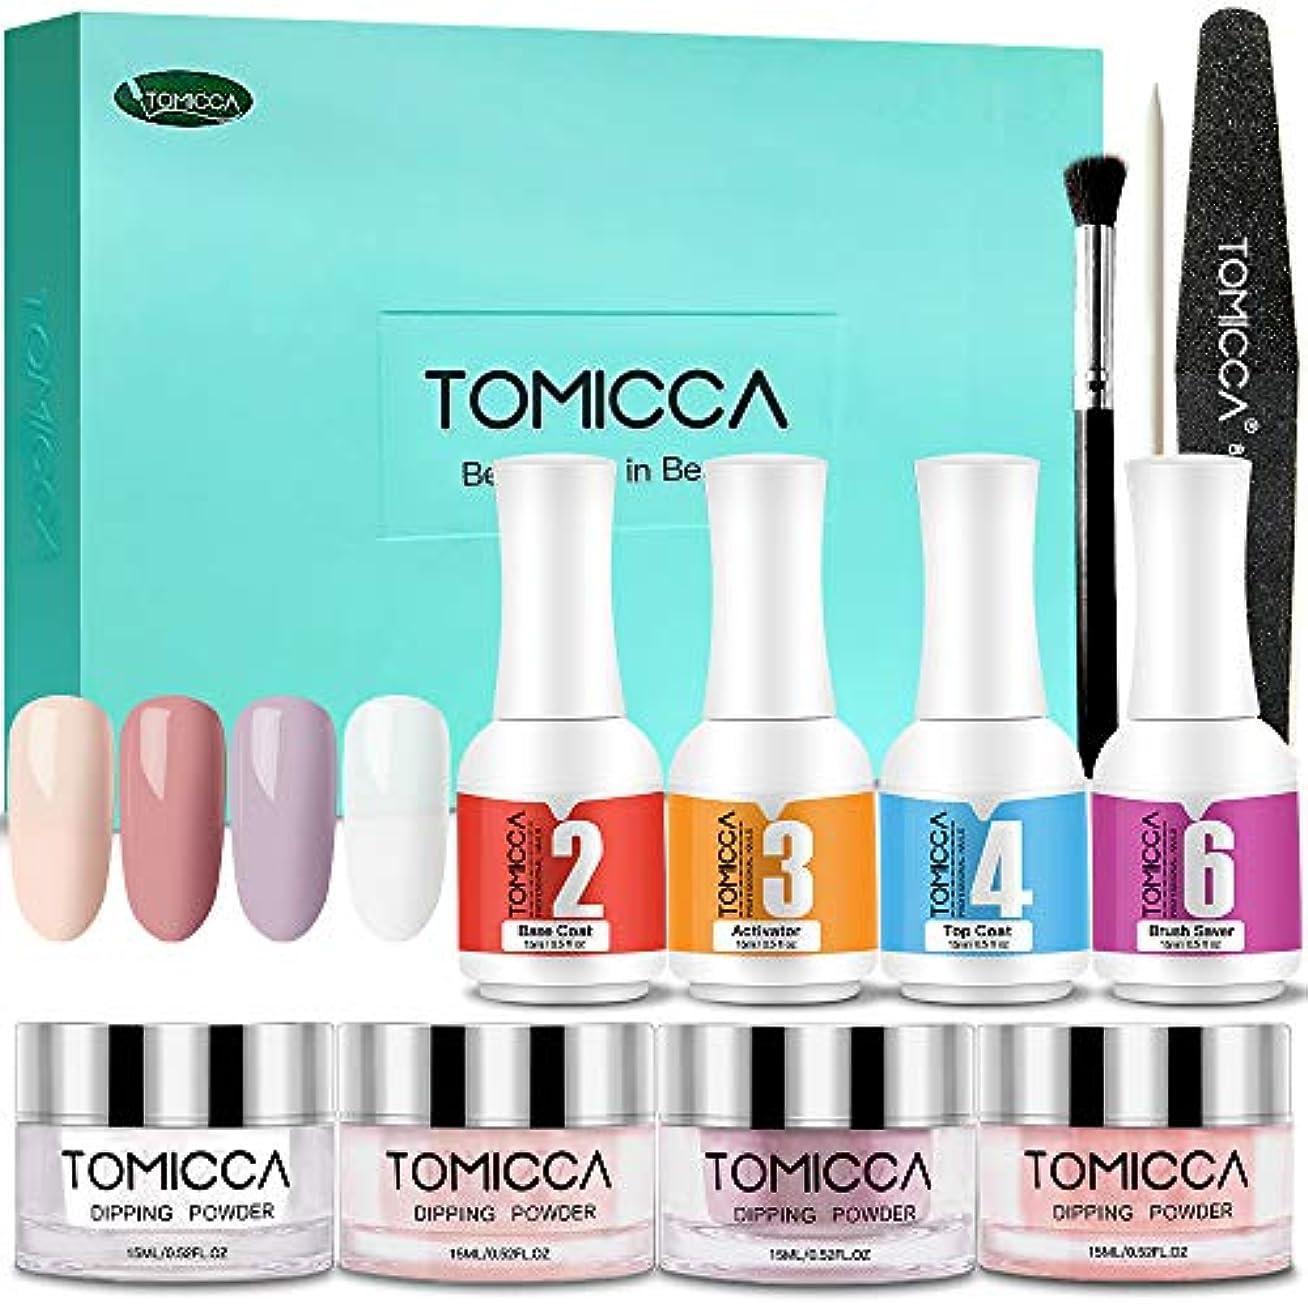 格差め言葉悩むTOMICCA パウダーマニキュア ネイルパウダー 4色セット 15g UV*LED ライト不要 初心者適用 色付け簡単 人気 アメリカ流行 (ピンク)